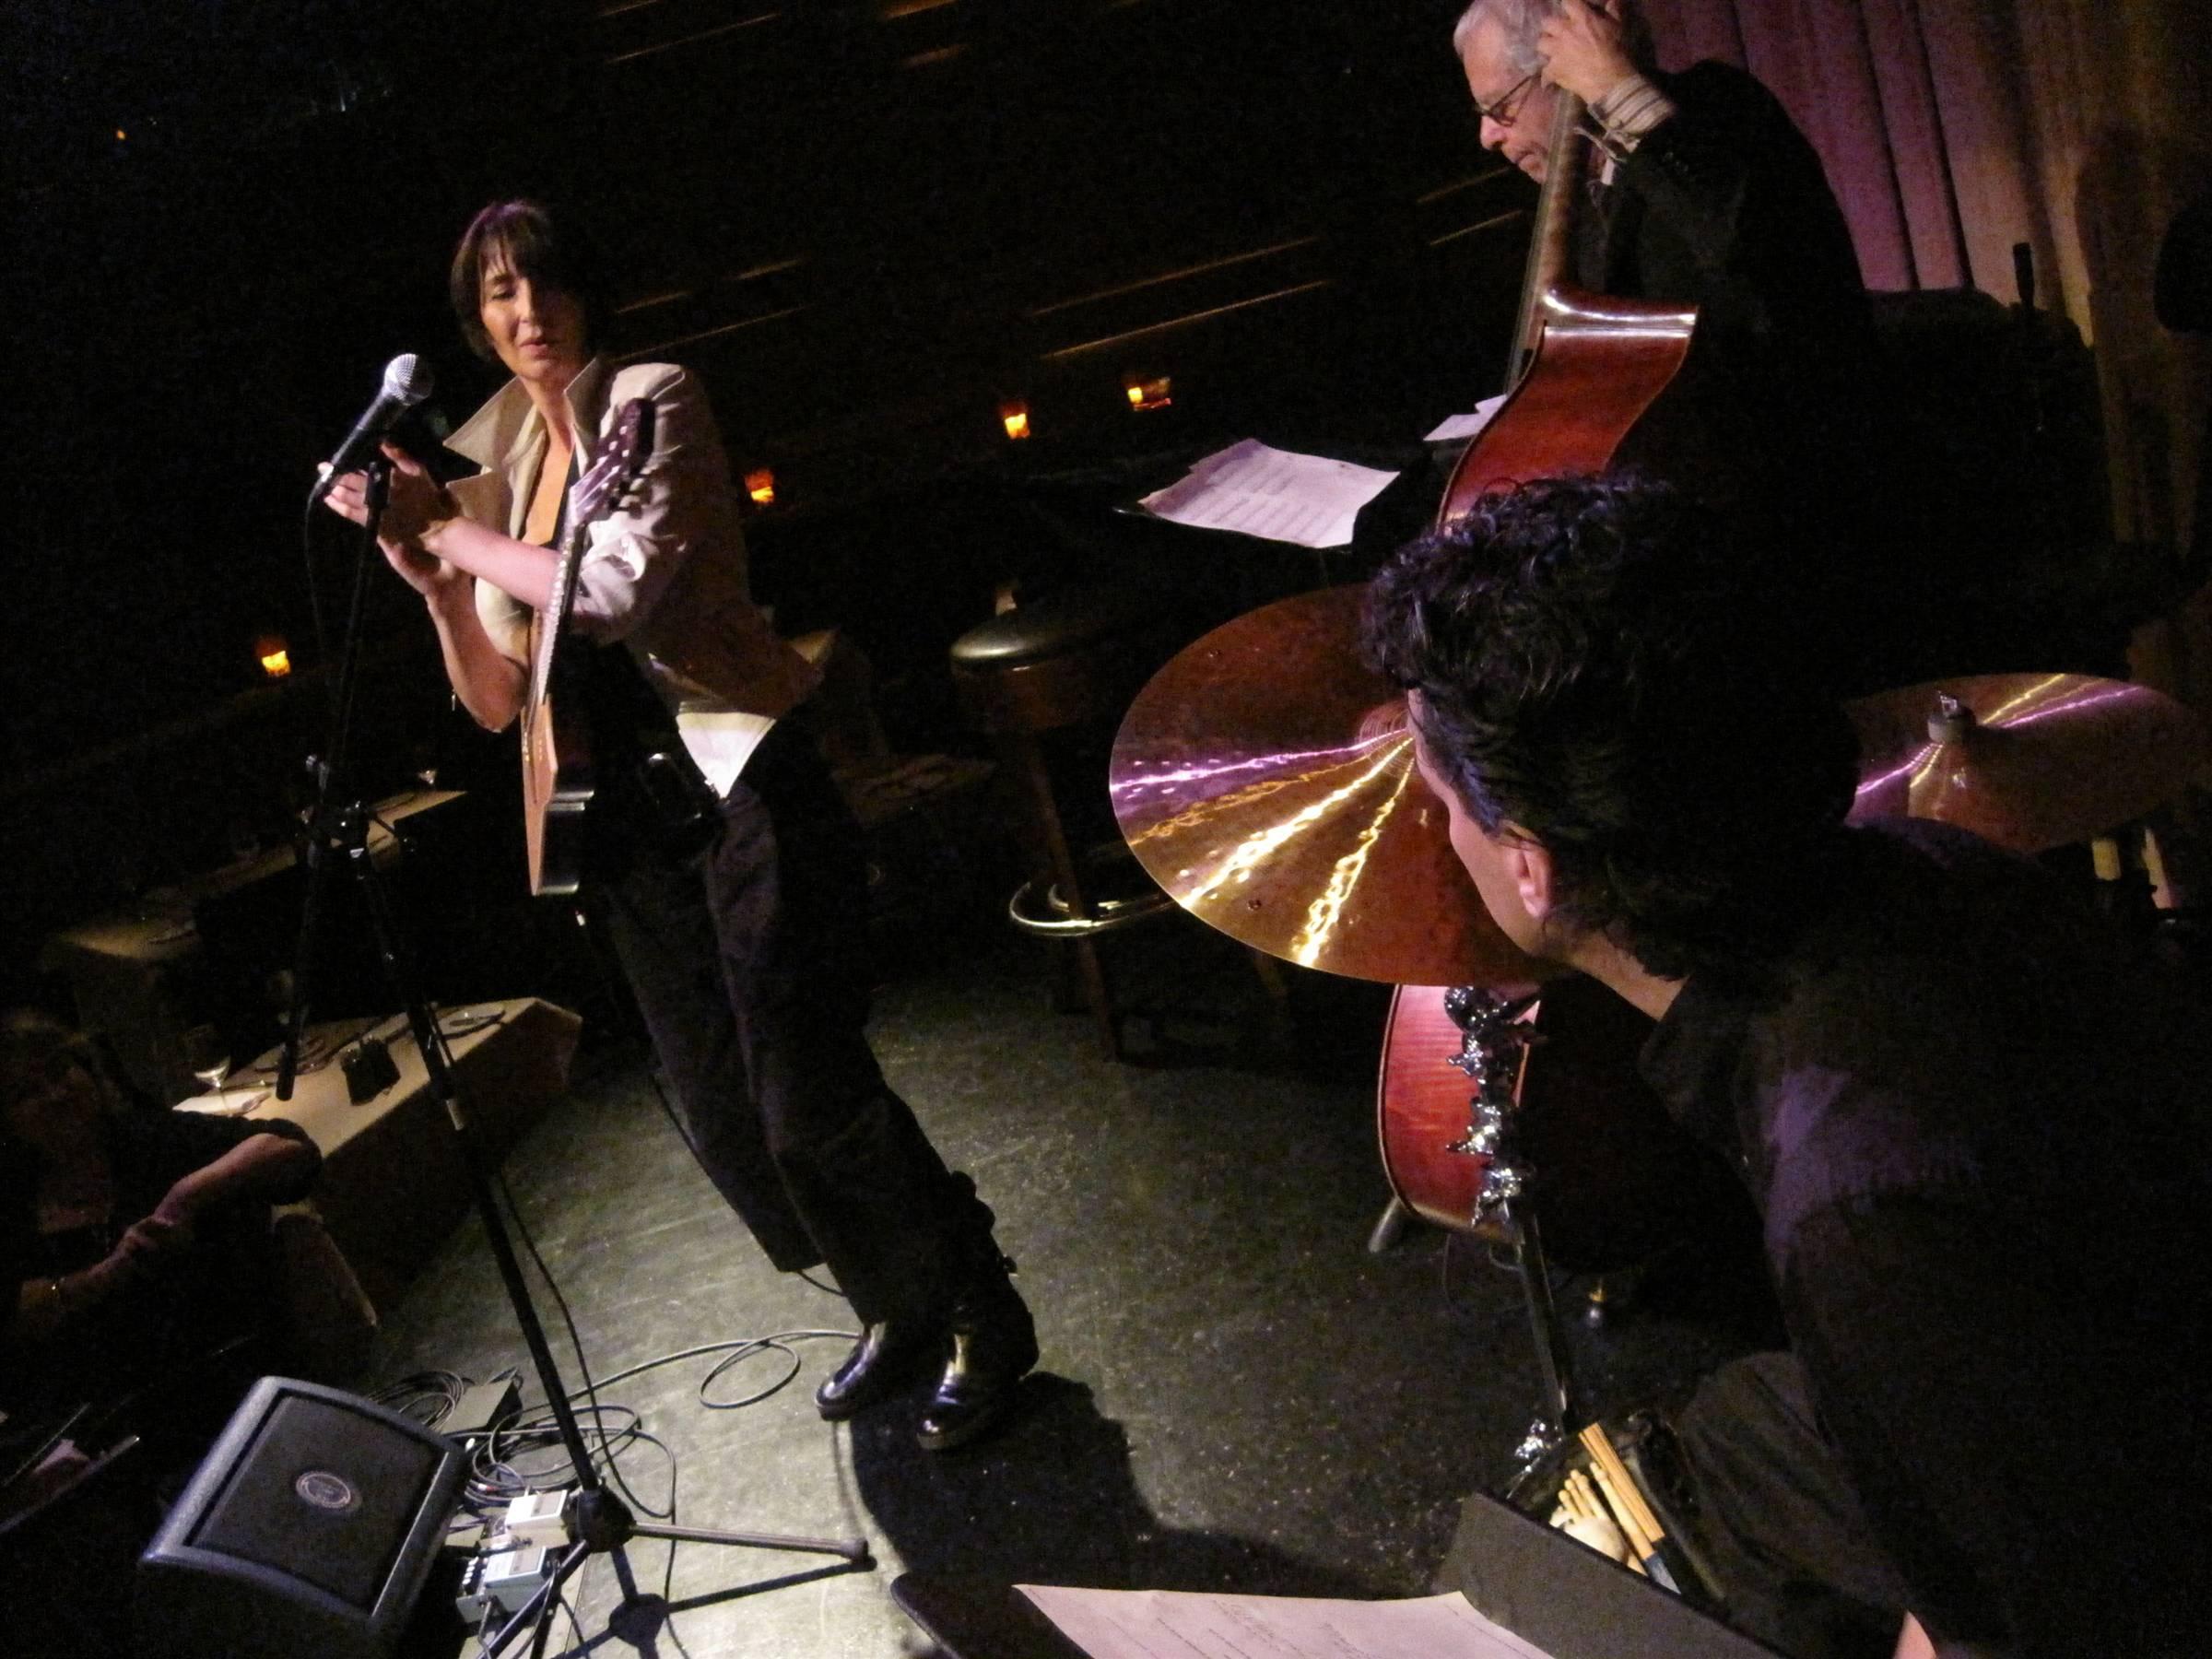 Concert Review: Vibrato / Los Angeles